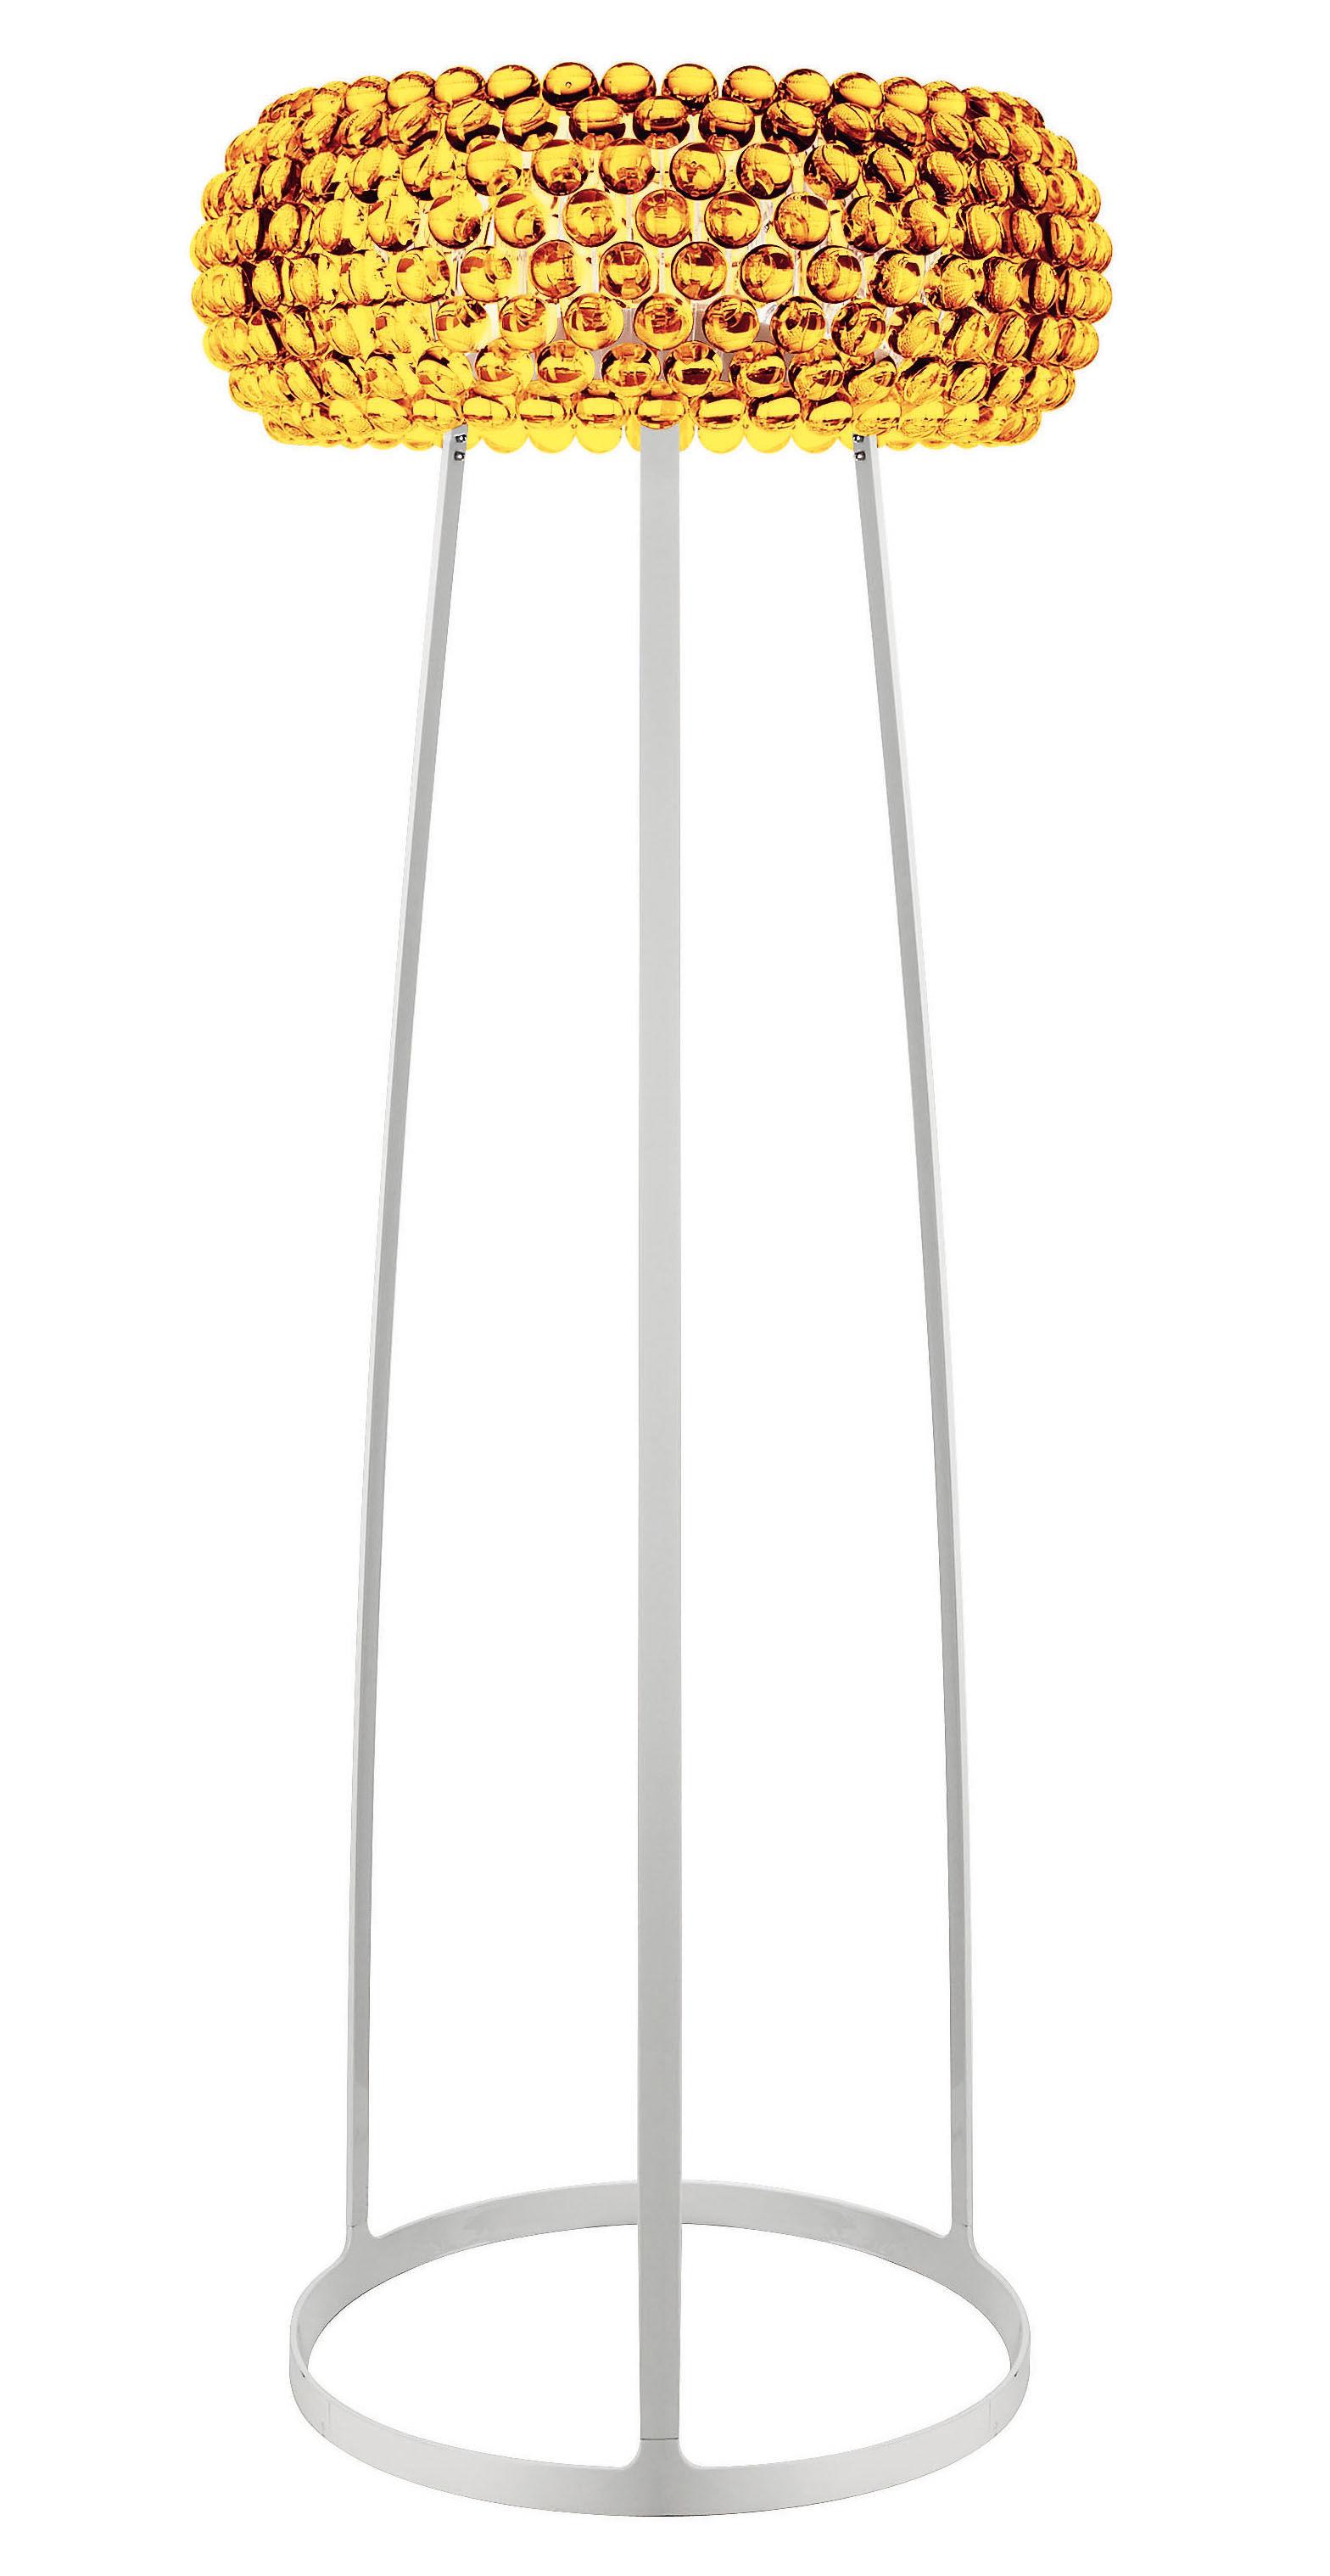 Illuminazione - Lampade da terra - Lampada a stelo Caboche Grande - Grande di Foscarini - Ambra - h 178 cm - Metallo, PMMA